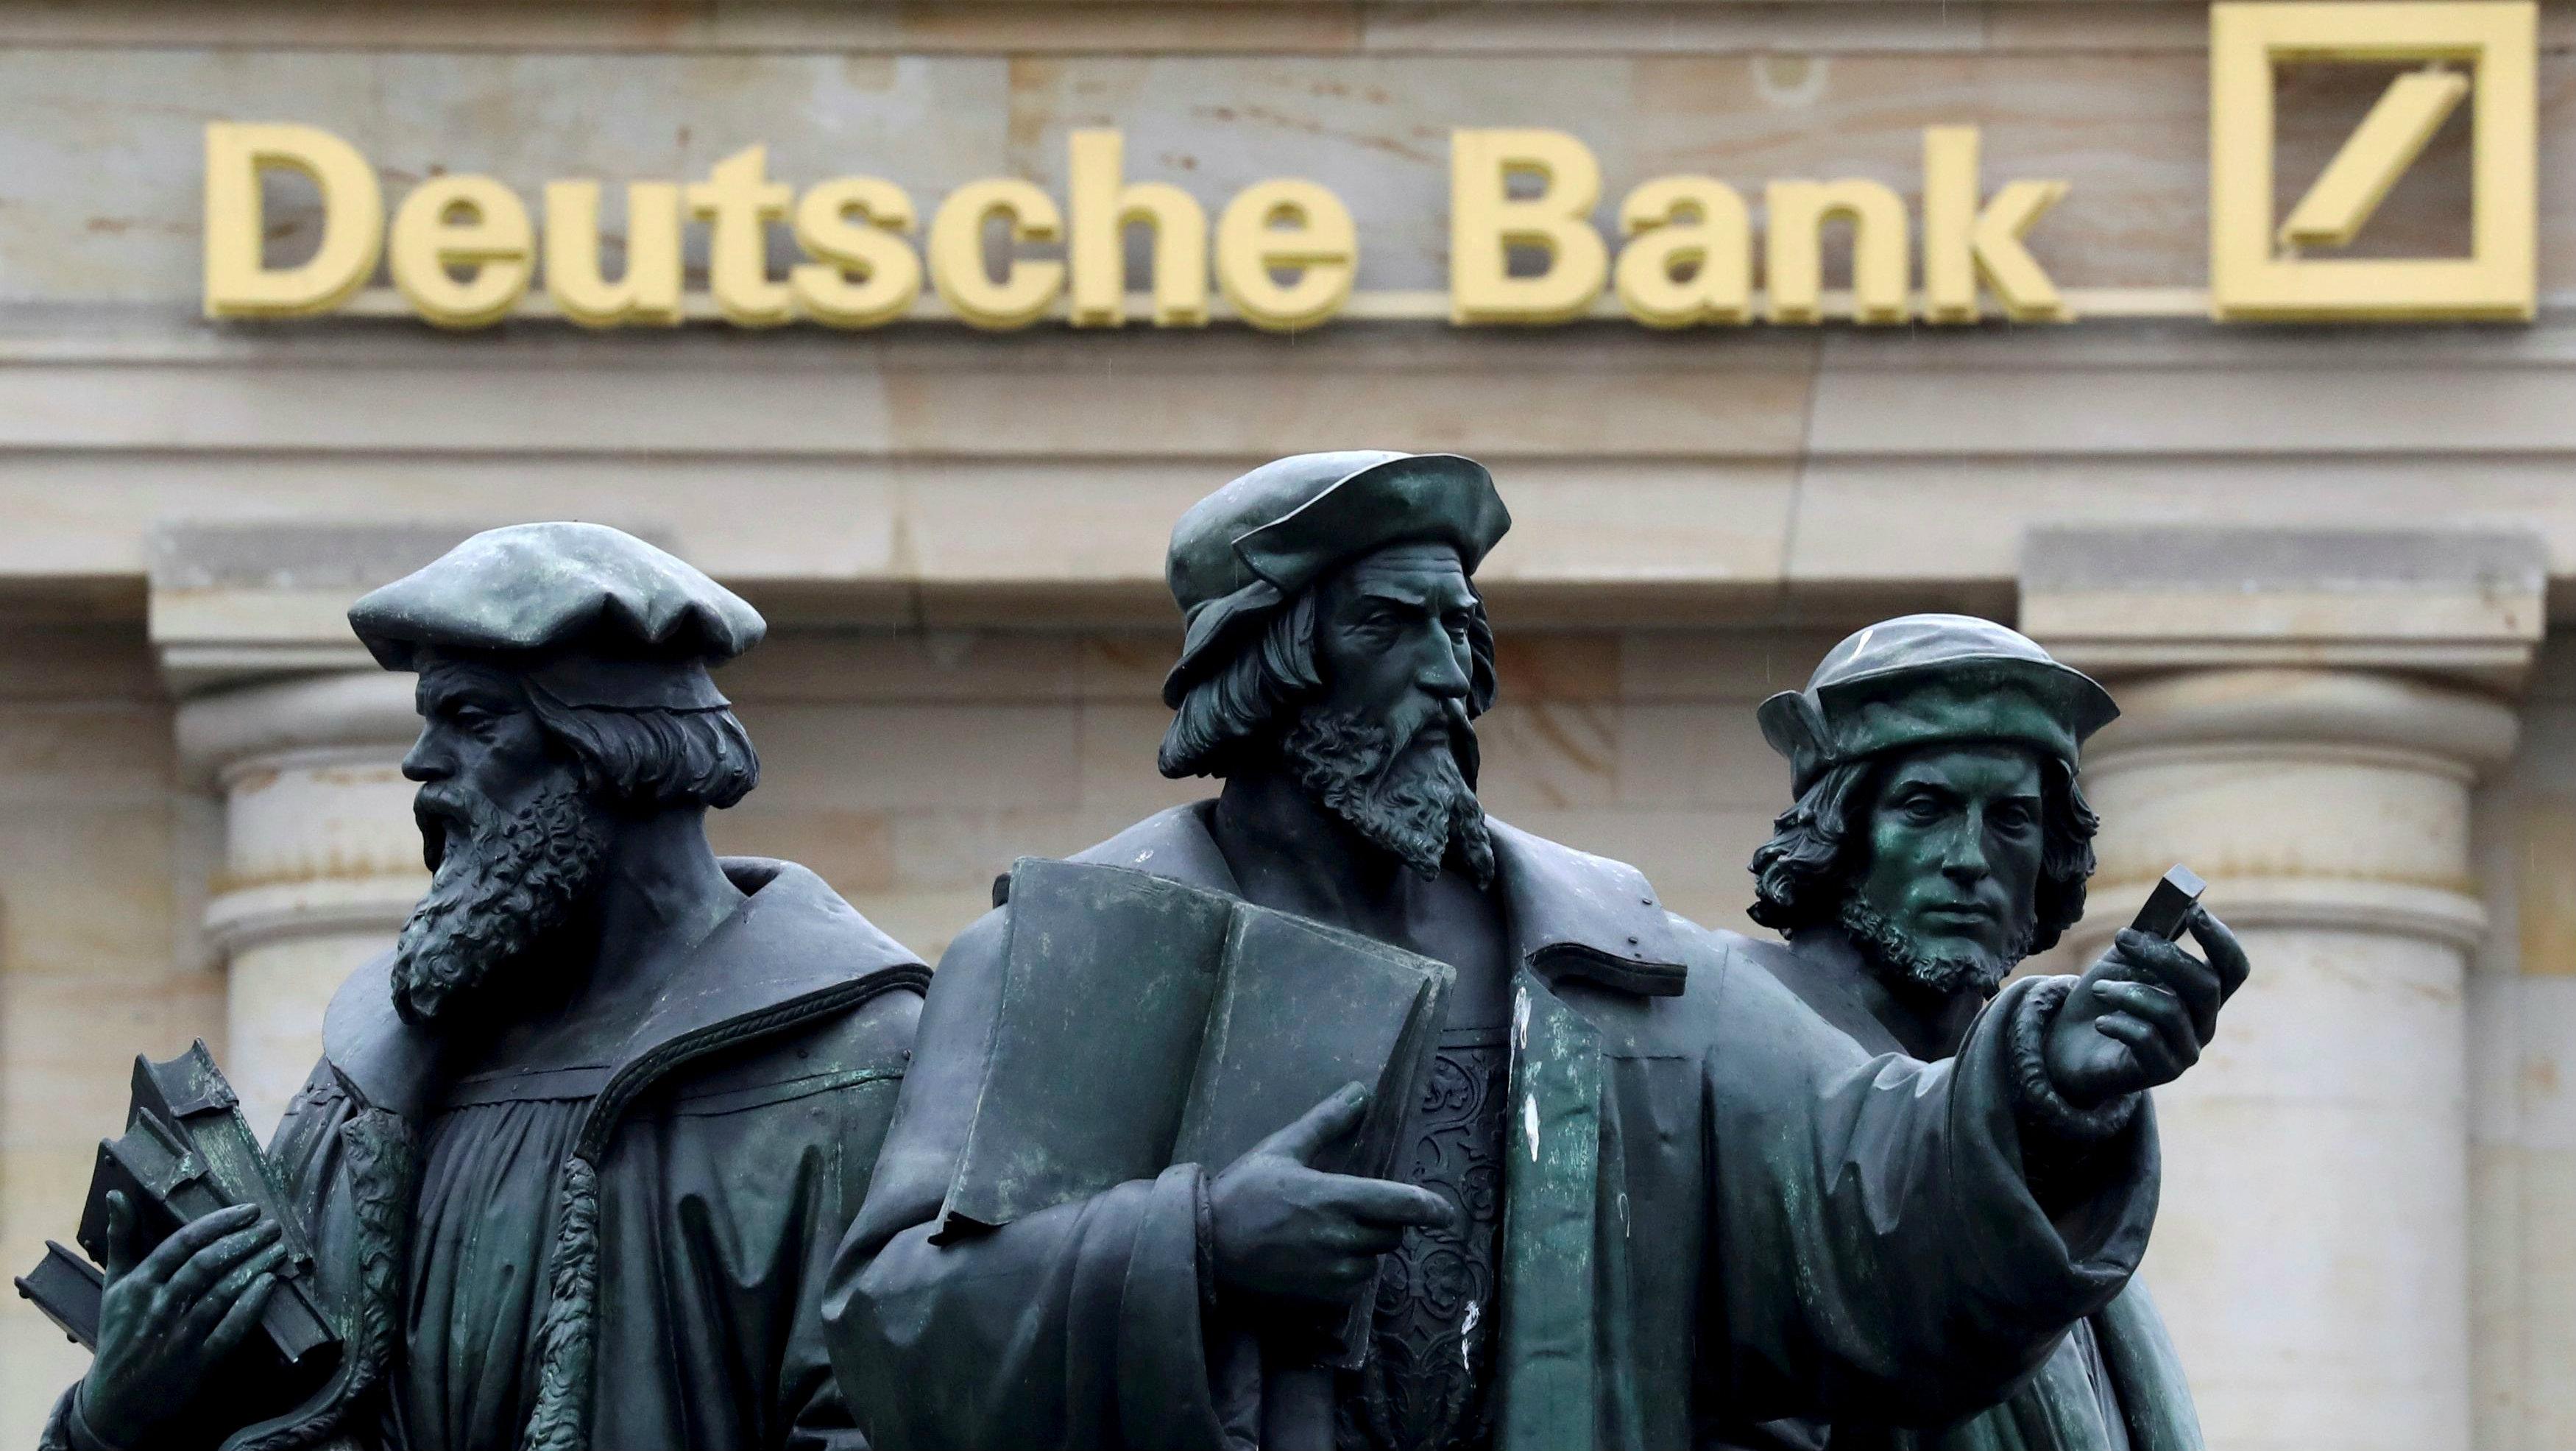 Statue next to the logo of Germany's Deutsche Bank in Frankfurt